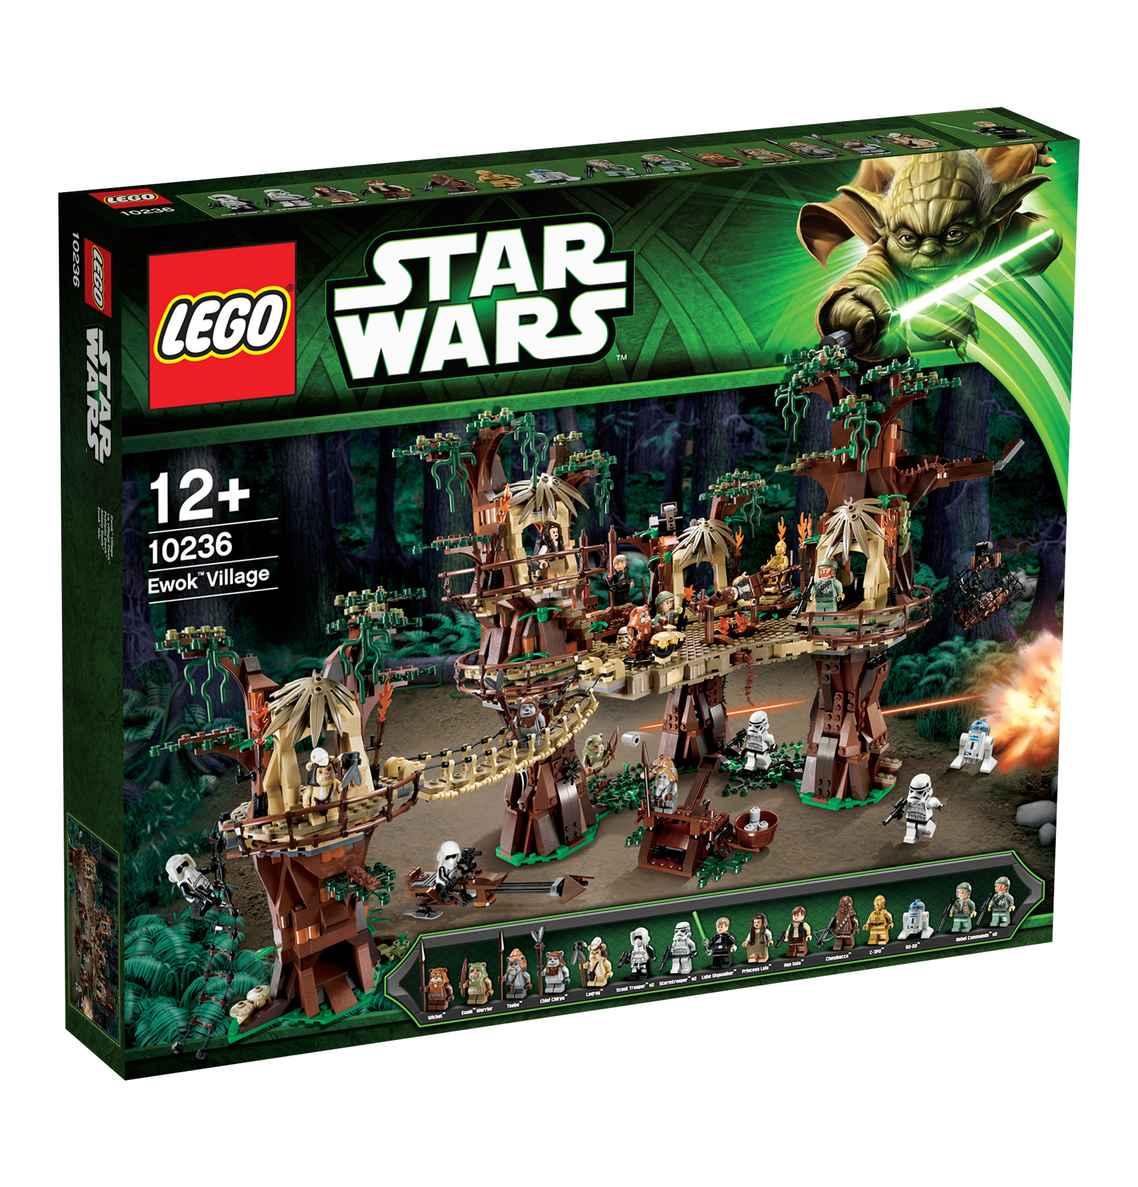 Kaufhof.de - LEGO Star Wars Ewok Village 10236 - für 212,49 (+25,49€ Paybackpunkte = 186,96)